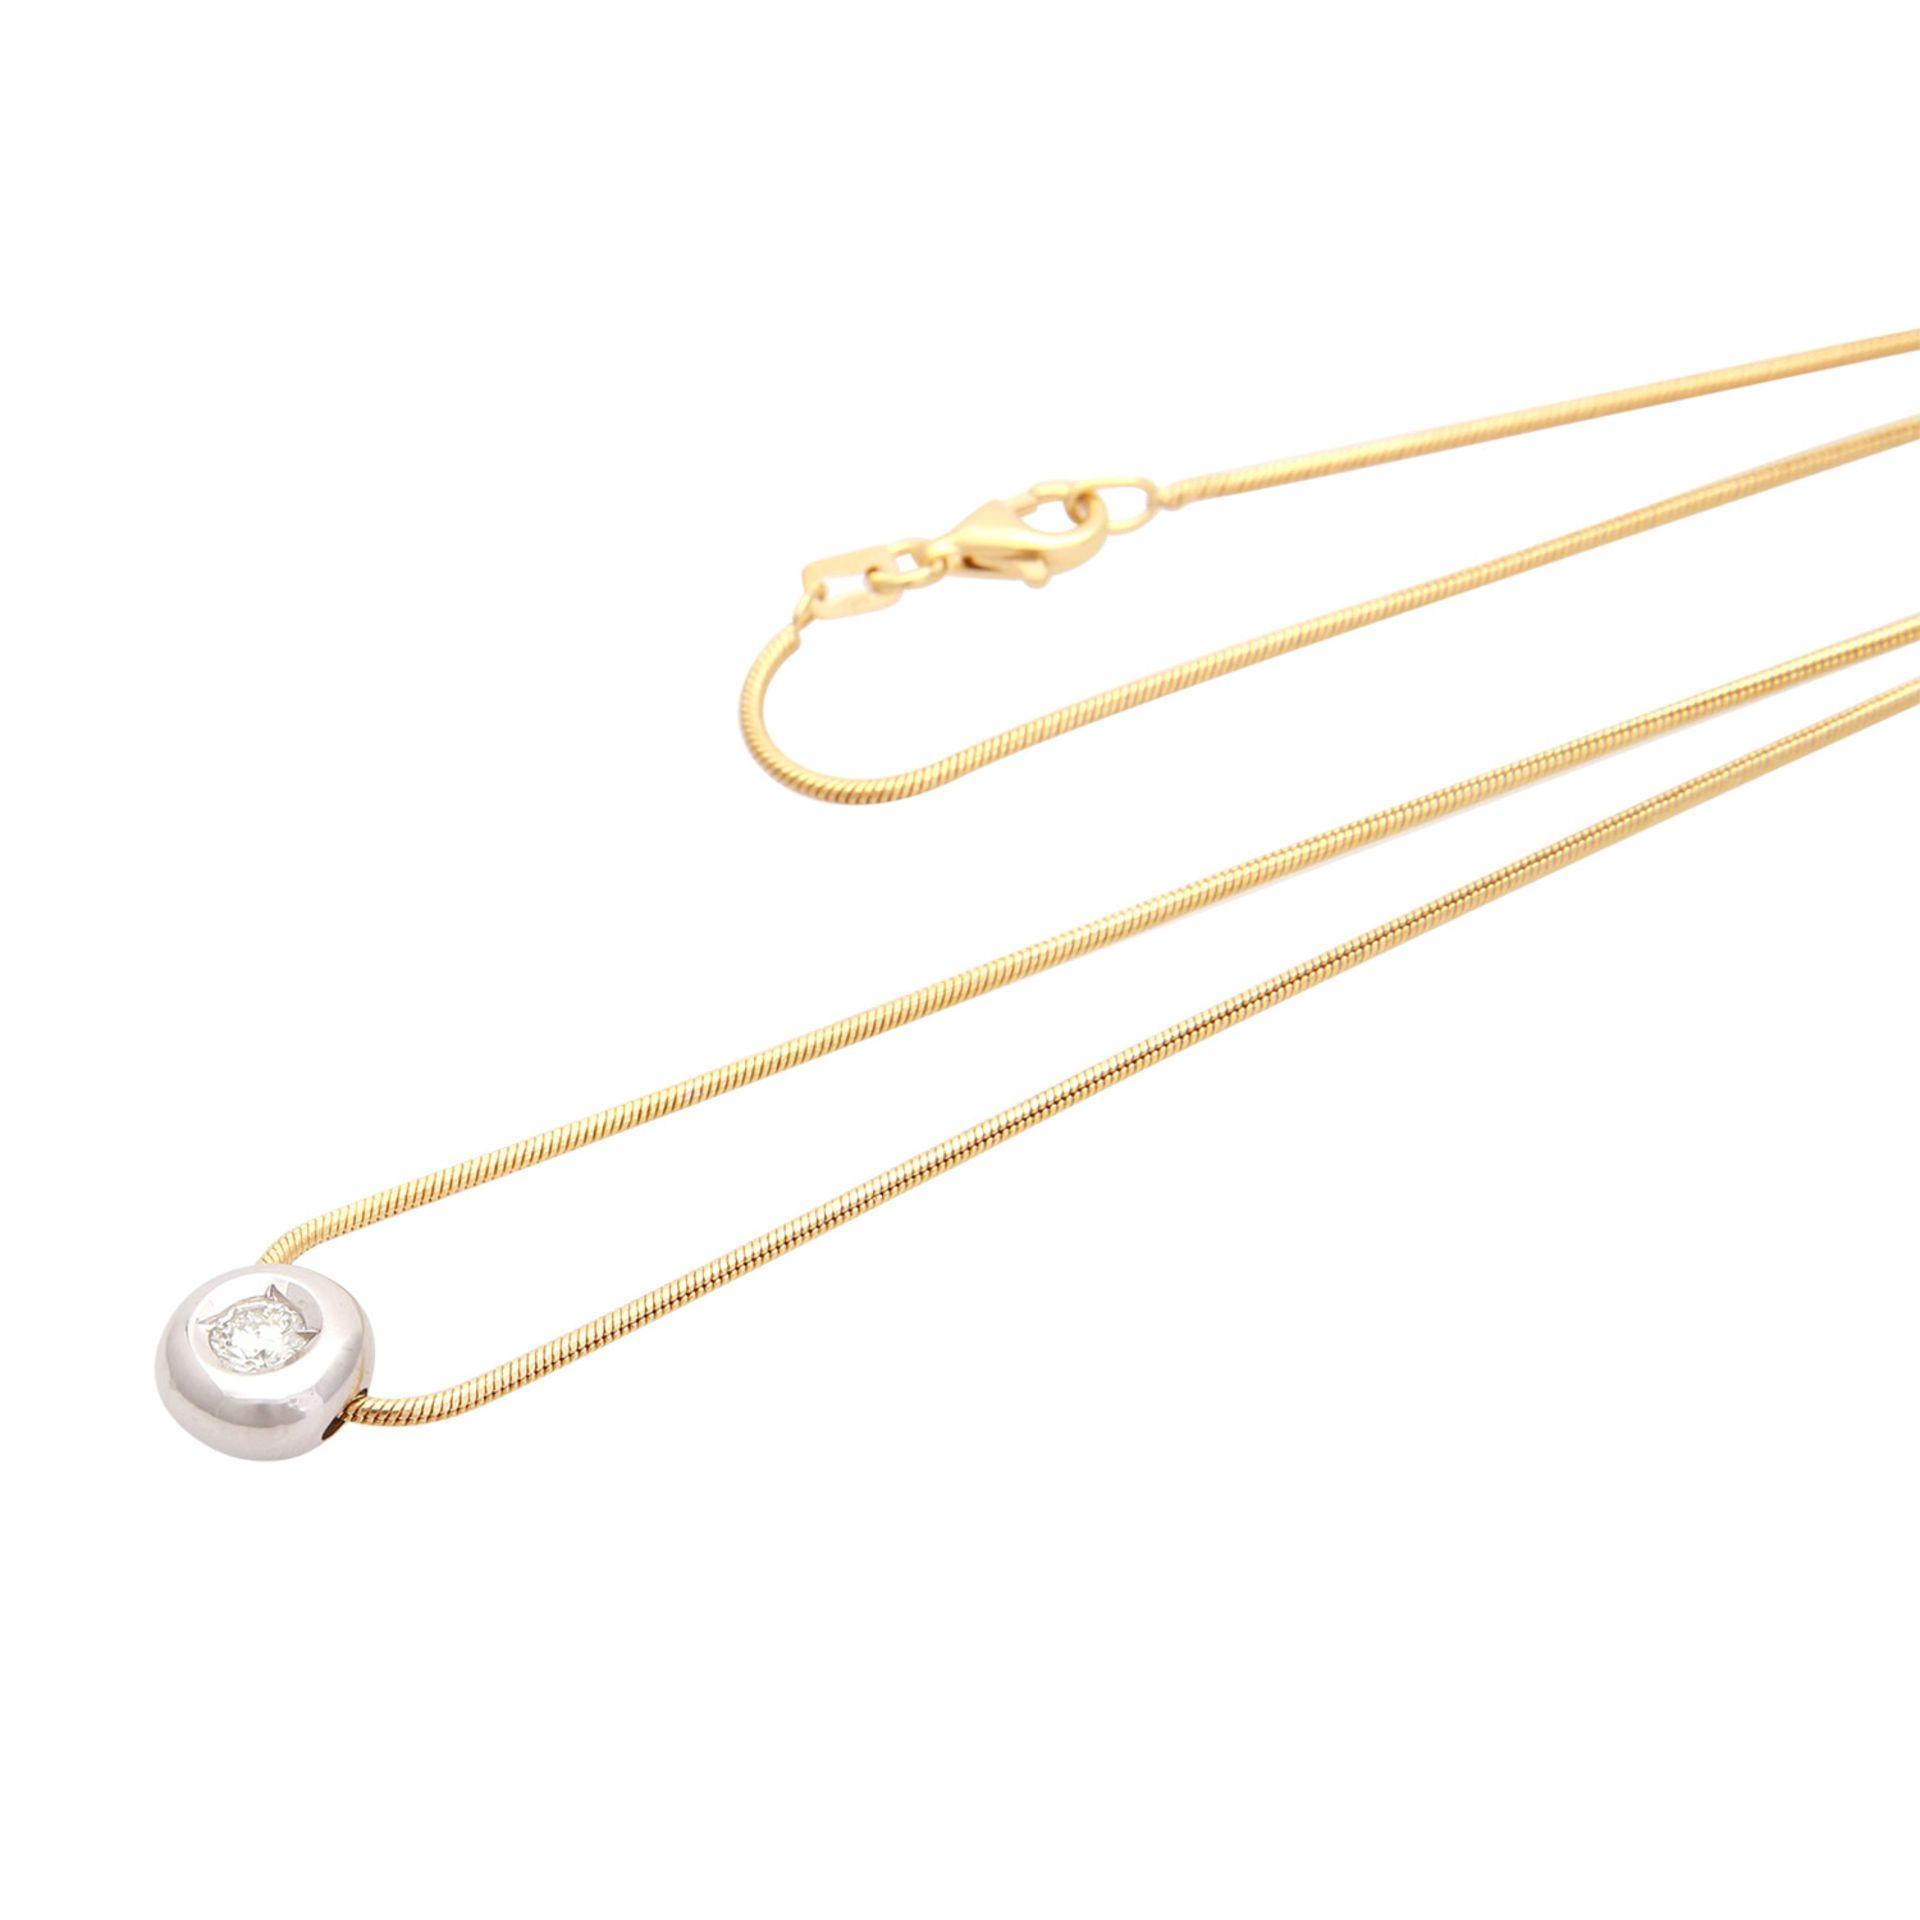 Los 125 - Collier Schlangenkette mit Brillant-Einhänger Brill. ca. 0,2 ct., GW / VS - VVS, GG / WG 14K, L: